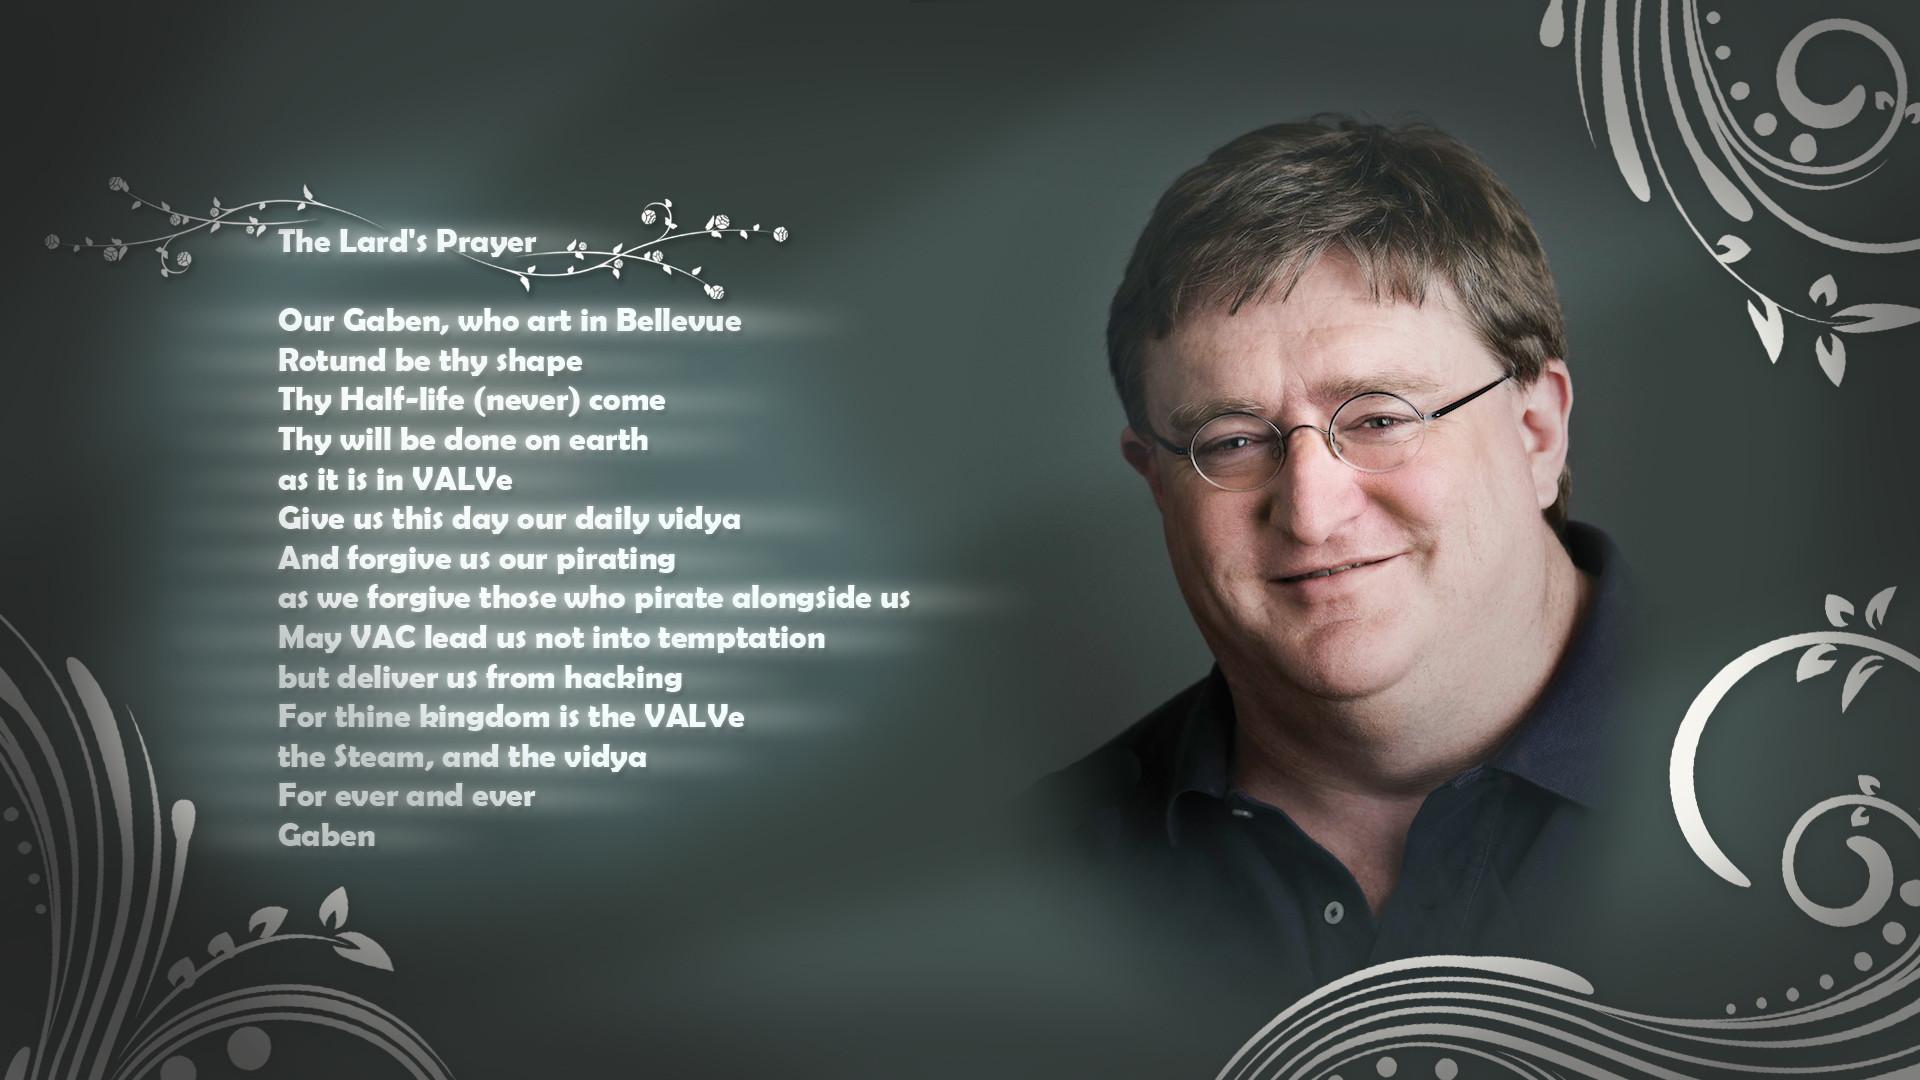 Gabe Newell The Lard's Prayer Prayer text humor wallpaper      73746   WallpaperUP